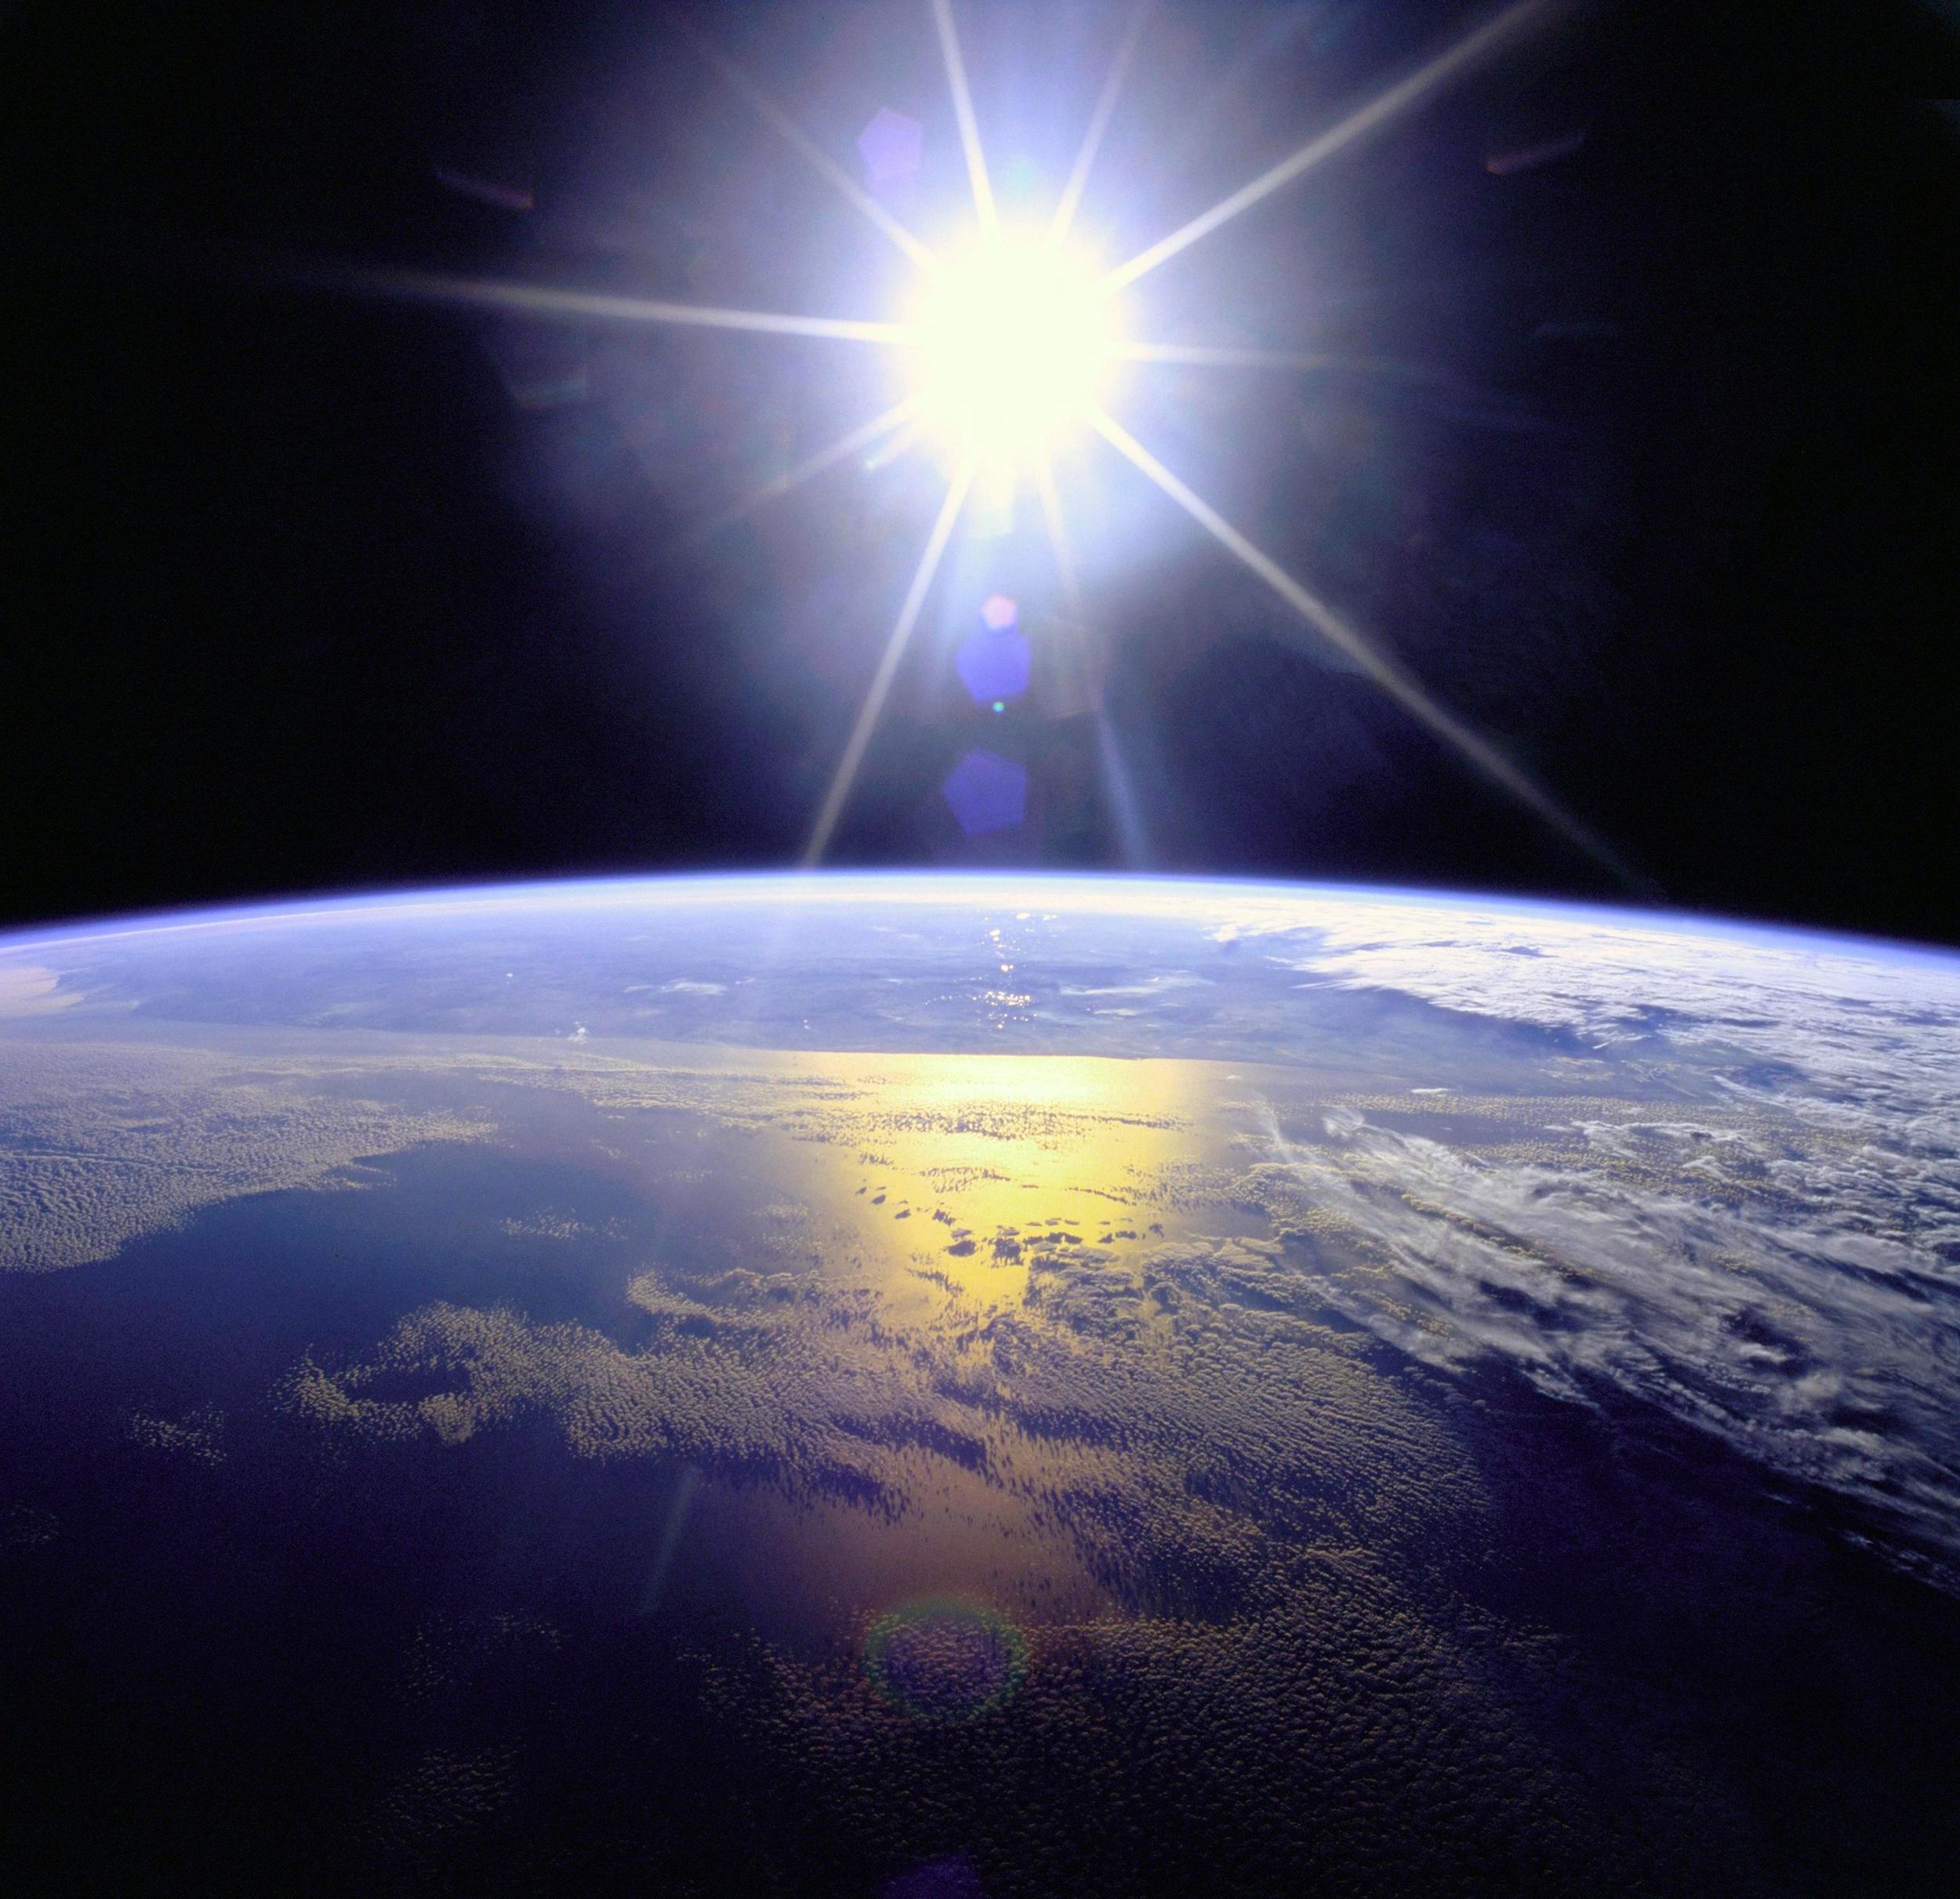 Sonne über der Erde. Bild: NASA, public domain.